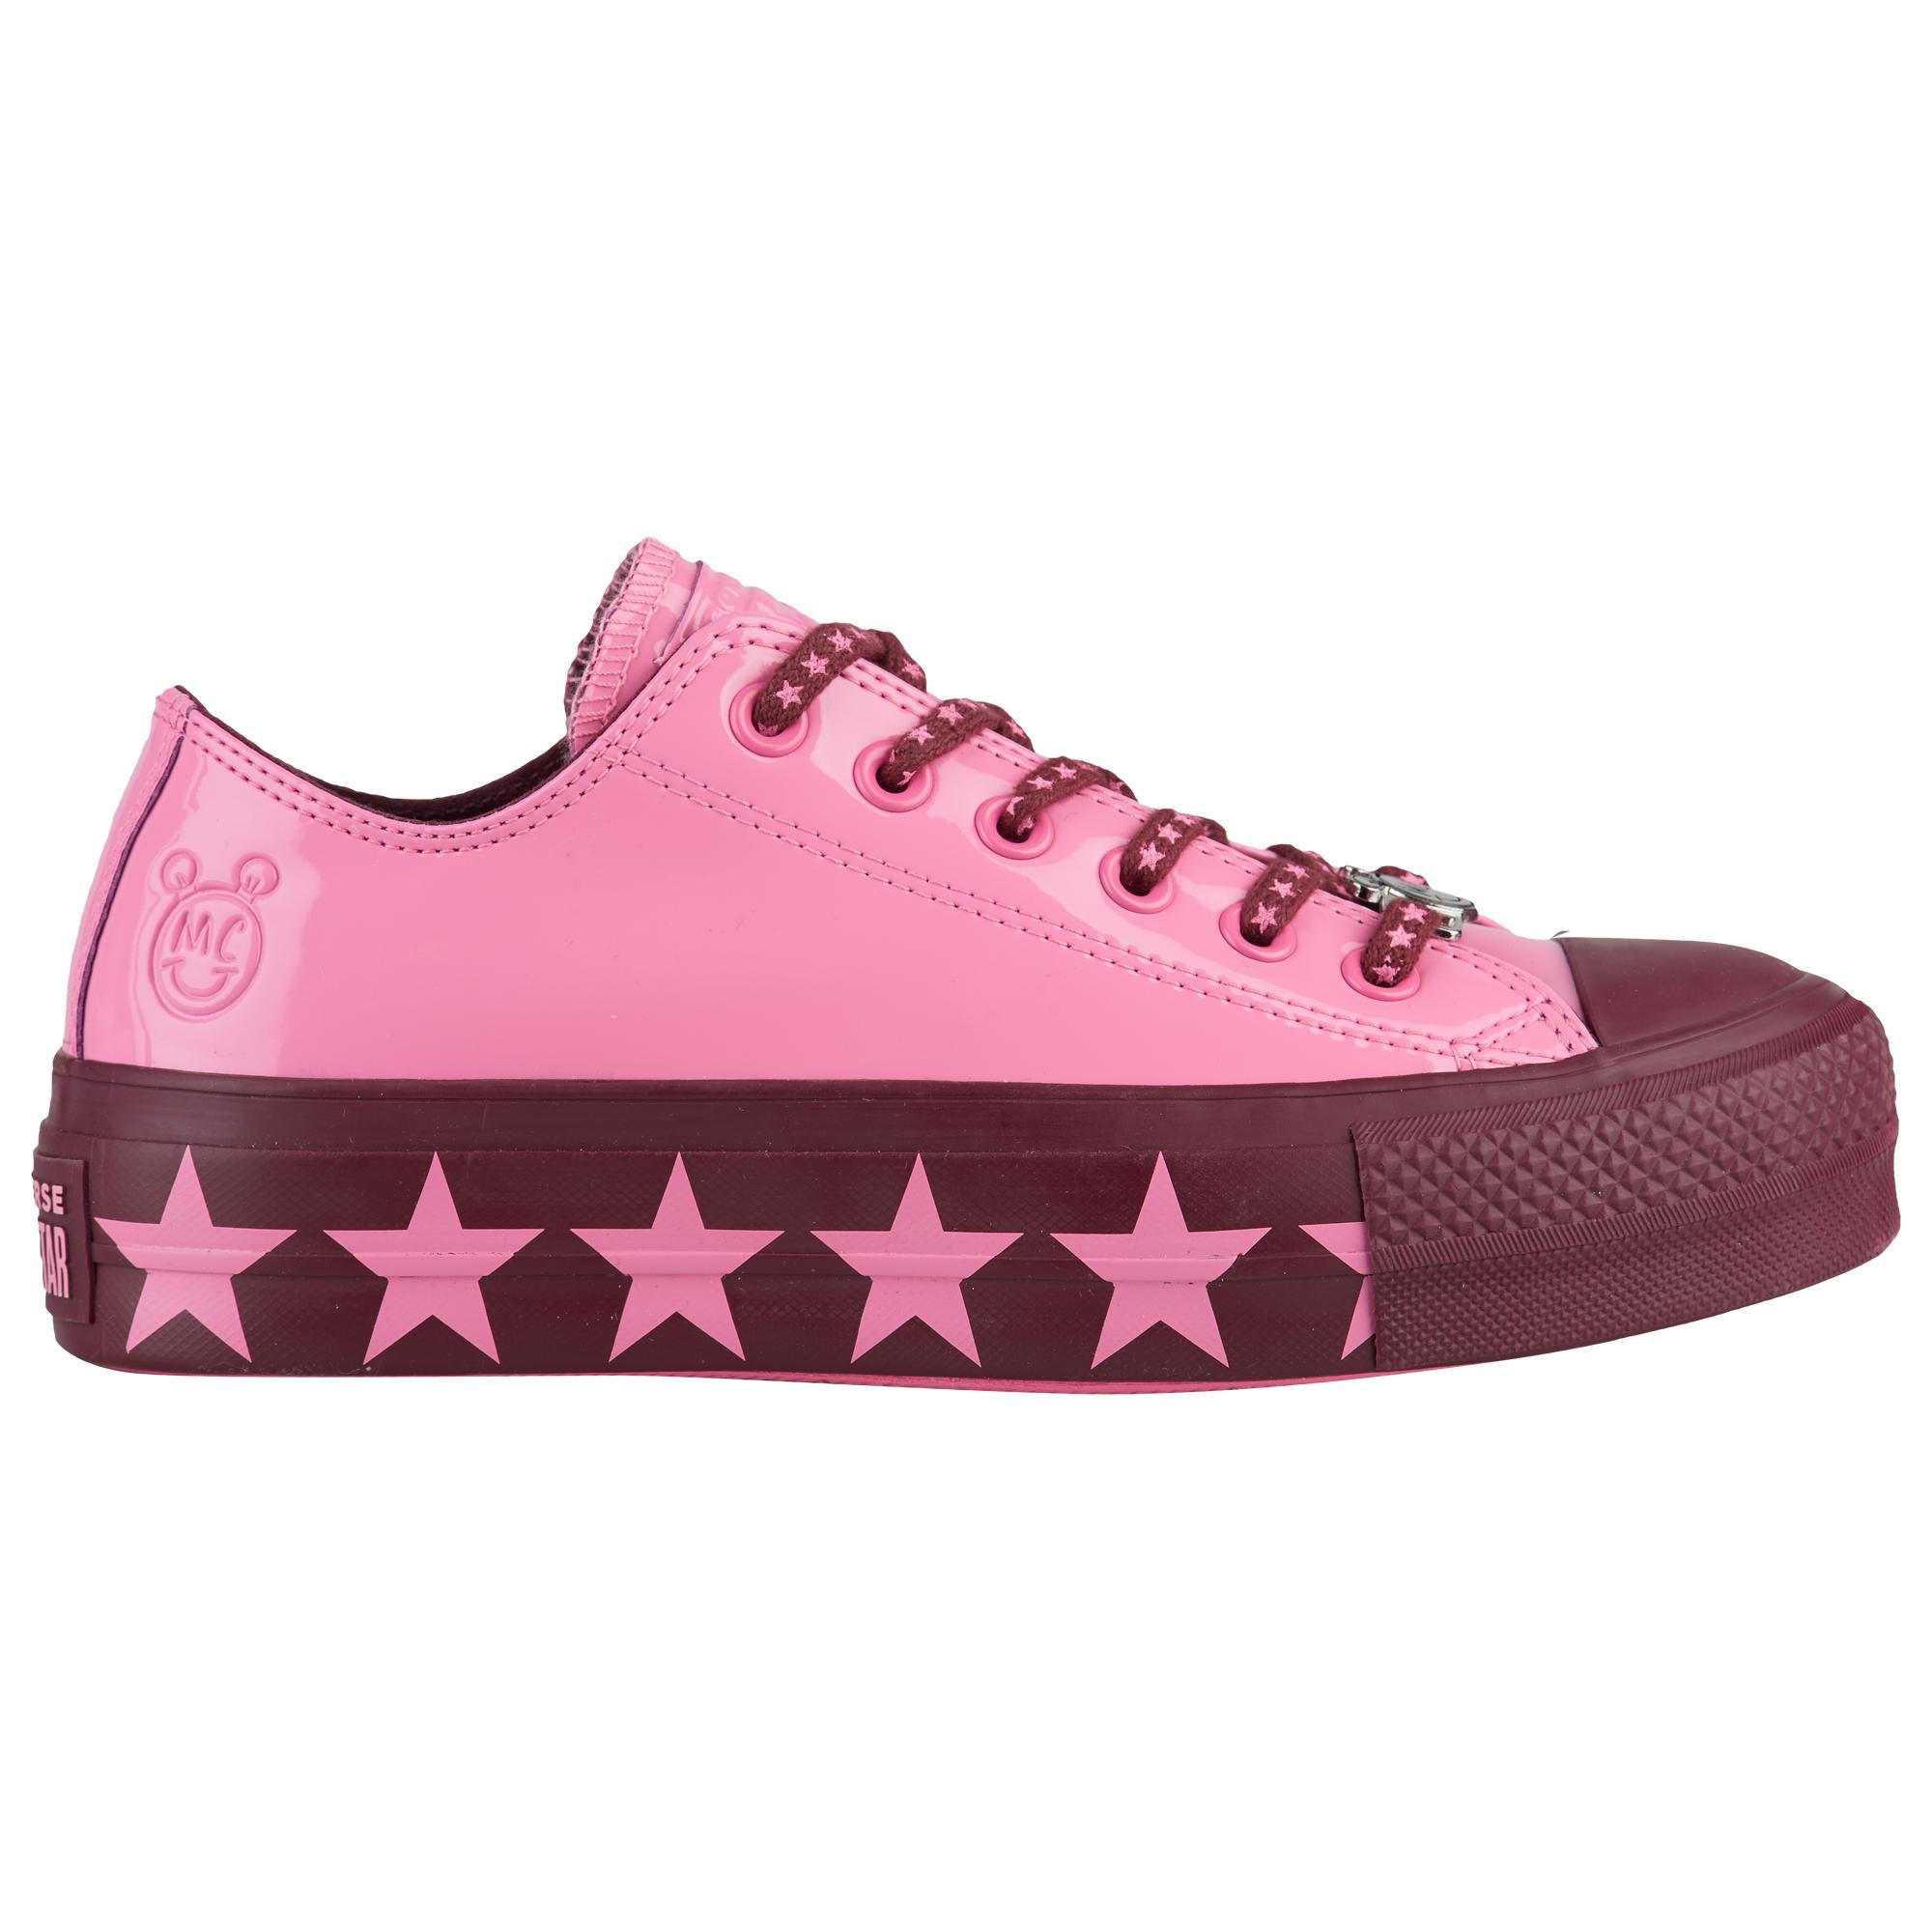 42e9e8e04e3f Lyst - Converse X Miley Cyrus All Star Lift Ox in Pink